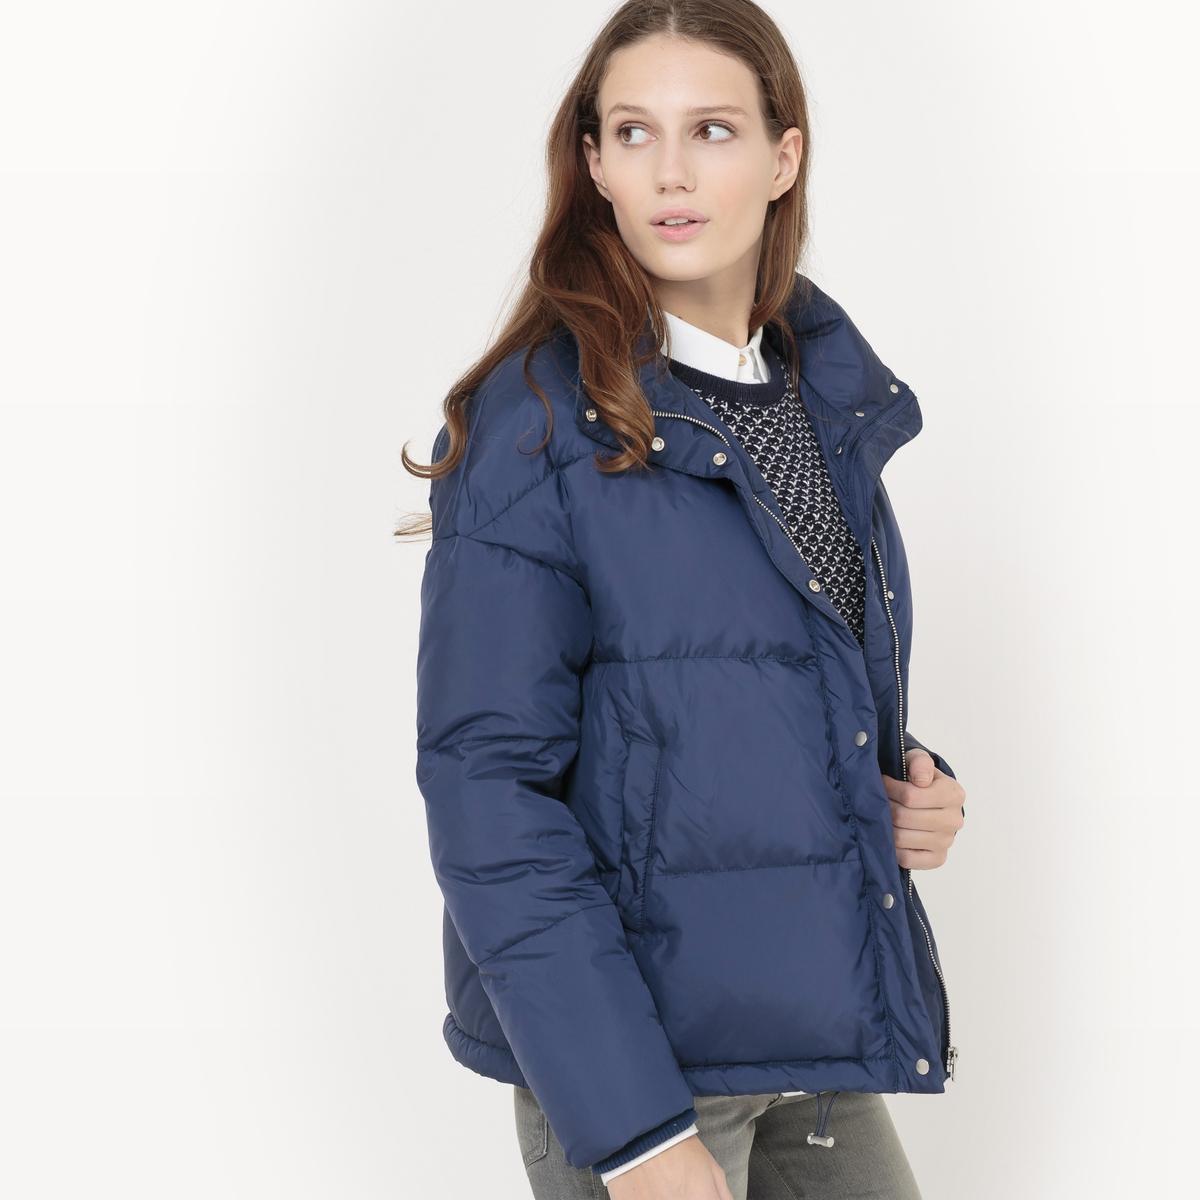 Куртка стеганая оверсайзСтеганая куртка. Покрой оверсайз. Капюшон. Застежка на молнию. 2 кармана по бокам.  Состав и описание Материал верха : 100% полиэстер - Подкладка 100% полиэстерНаполнитель : 70% пуха, 30% пераДлина : 64 смМарка : R essentielУходМашинная стирка при 30 °C Машинная сушка запрещенаНе гладить<br><br>Цвет: зеленый,темно-синий<br>Размер: 38 (FR) - 44 (RUS).36 (FR) - 42 (RUS).34 (FR) - 40 (RUS).46 (FR) - 52 (RUS).44 (FR) - 50 (RUS).42 (FR) - 48 (RUS).34 (FR) - 40 (RUS).44 (FR) - 50 (RUS)